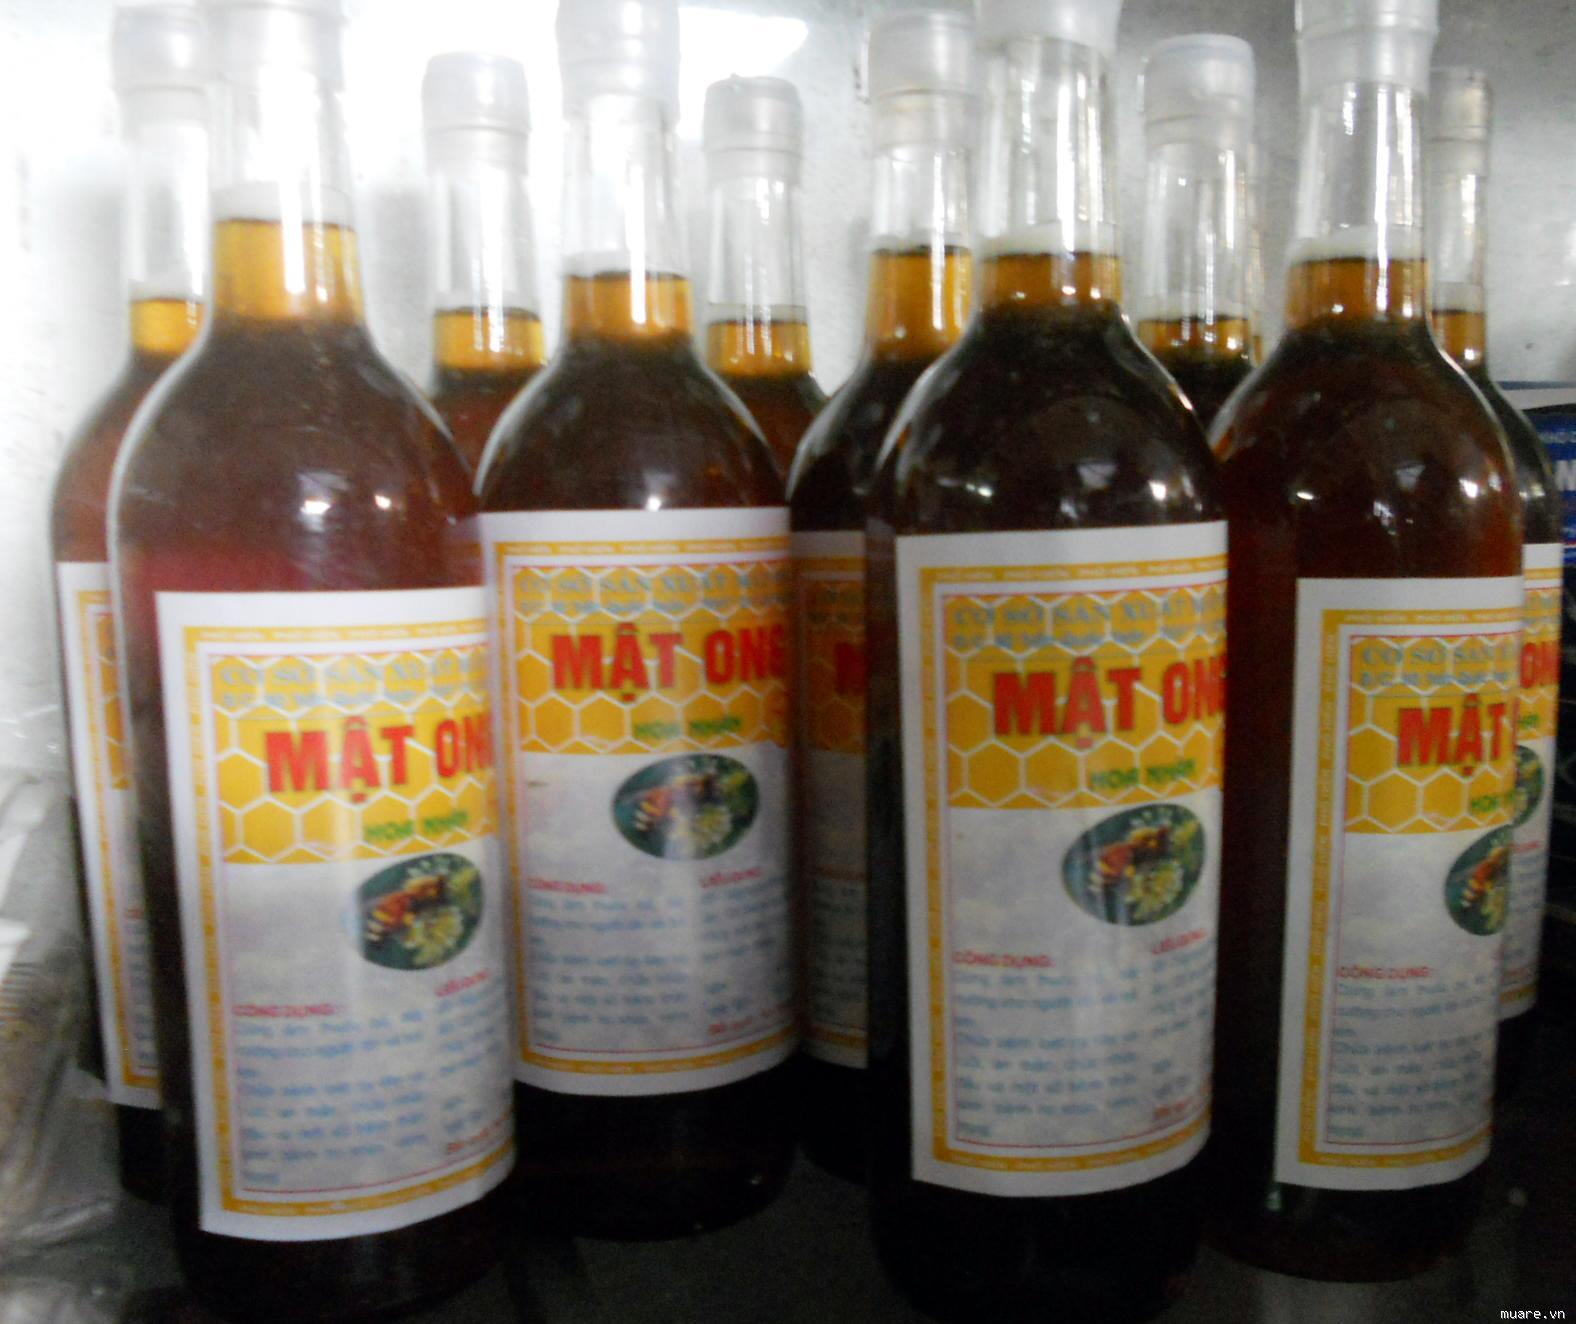 Hỏi về việc đăng ký kinh doanh và dán nhãn cho sản phẩm mật ong